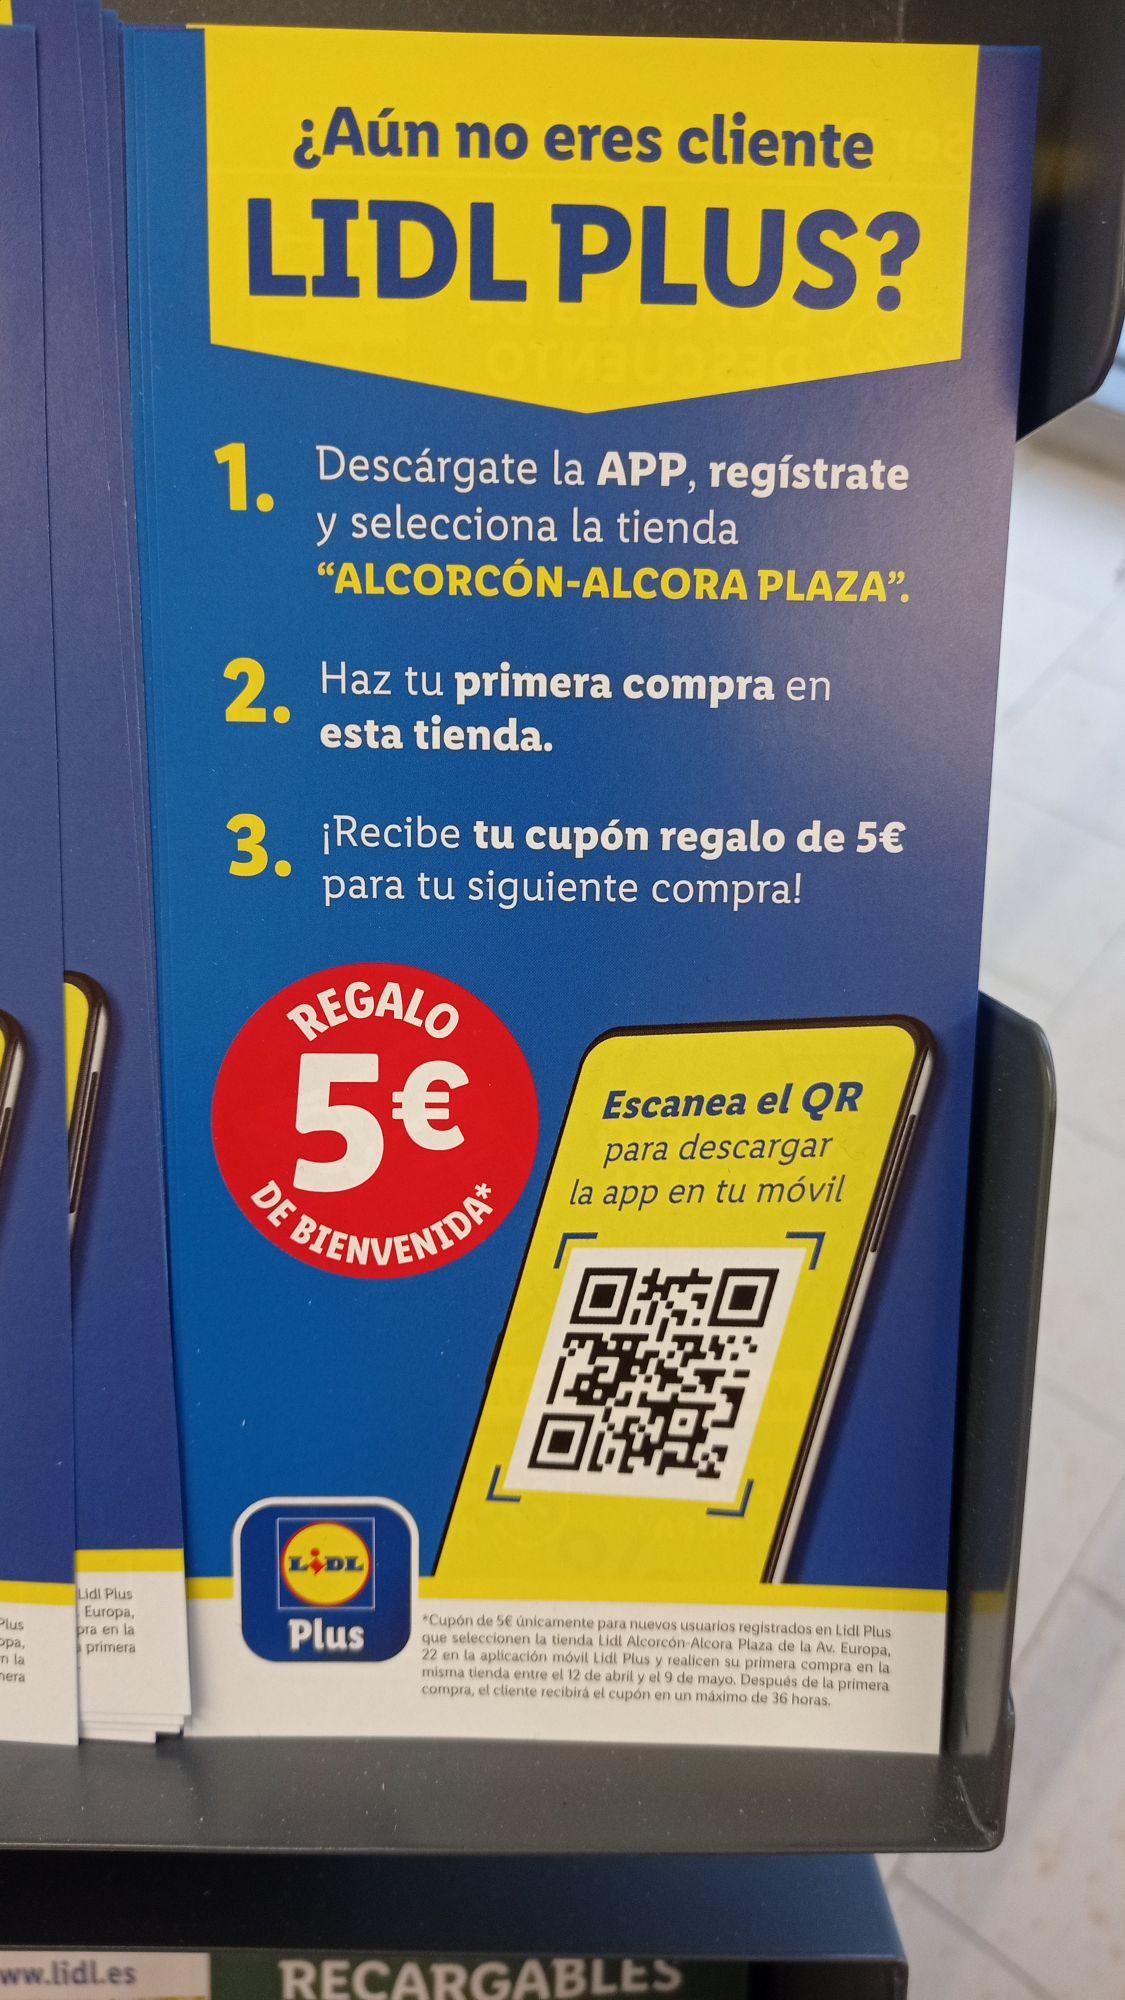 5€ GRATIS descargando app Lidl plus ( en Alcorcón) no sé si en otros Lidl es válido